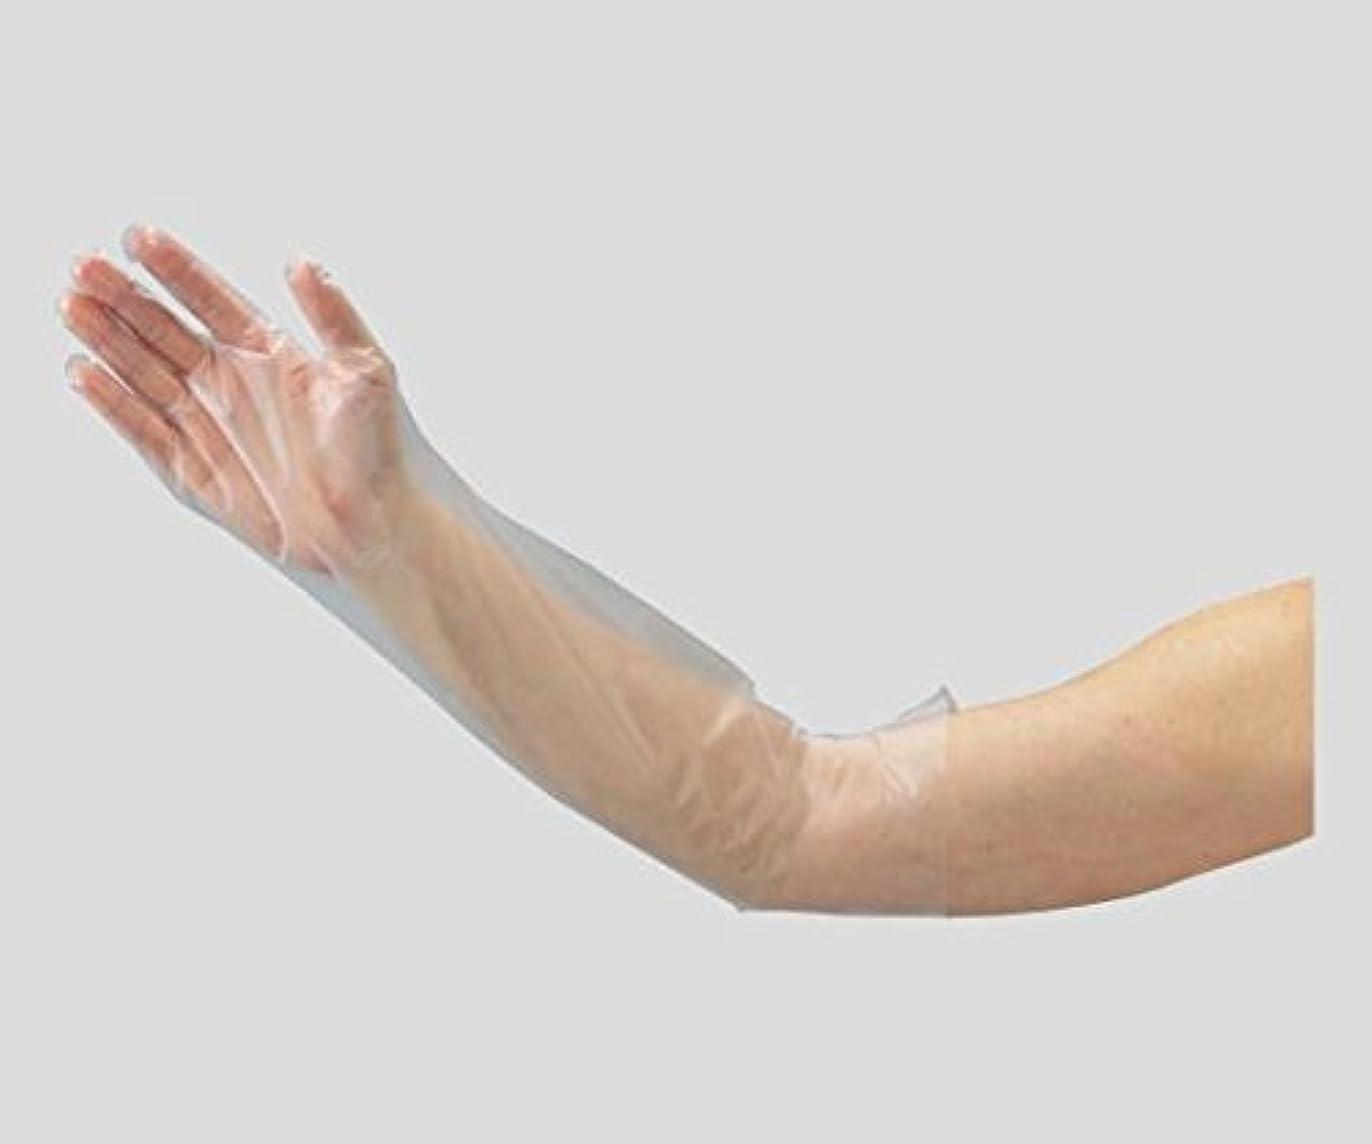 分注するパラダイス幻想2-9757-01ポリエチレンロング手袋(ひじピタ)S100枚入